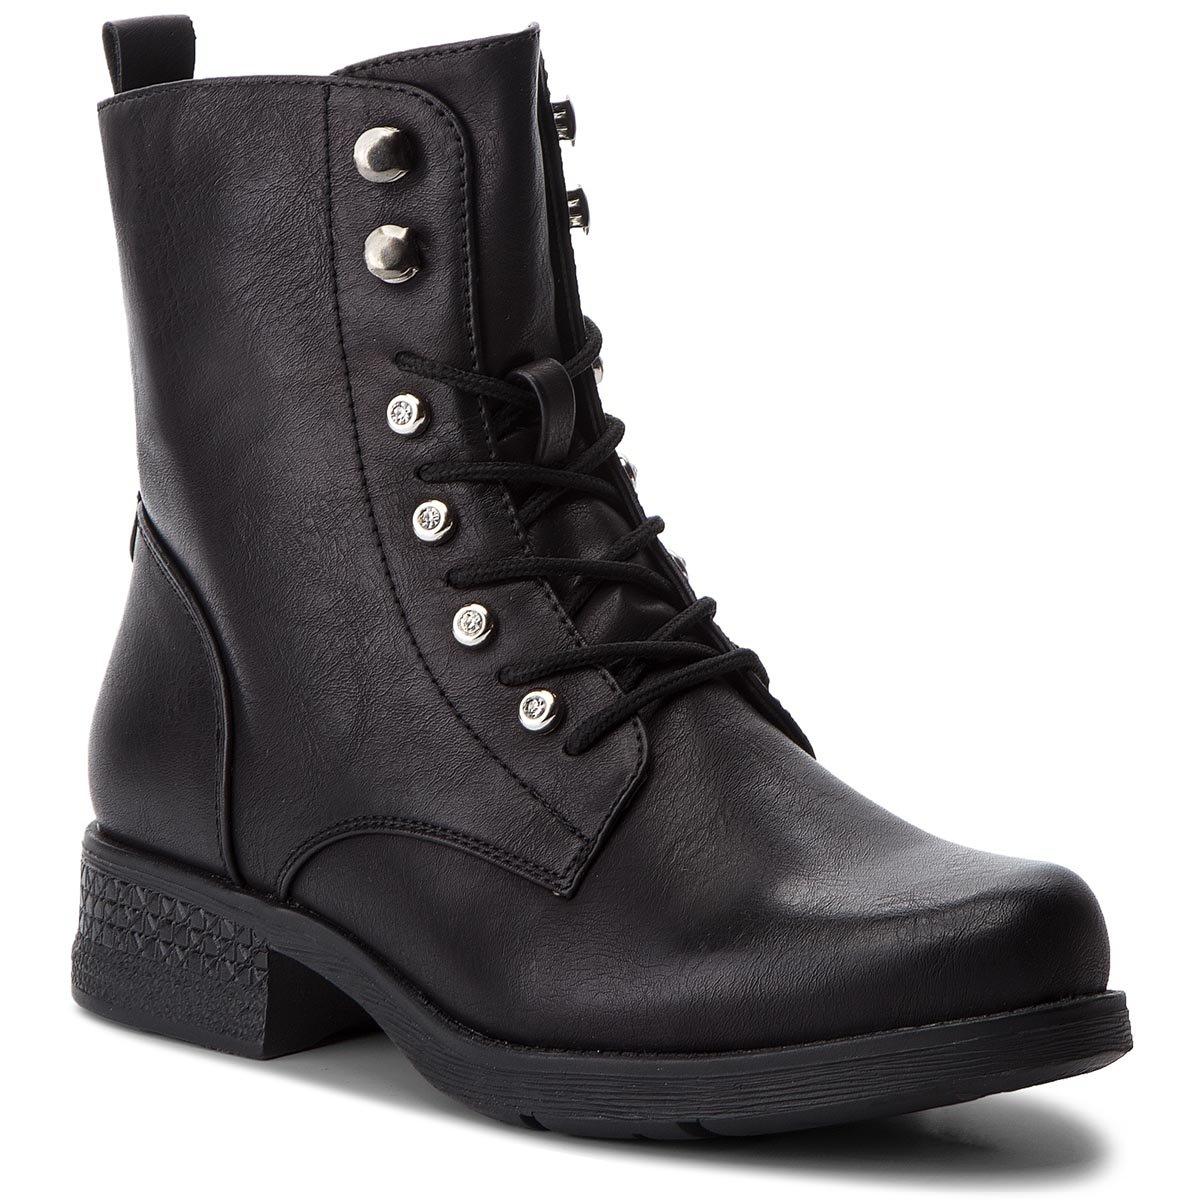 d30a2658de6f6 vysoká šnurovacia topánka Jenny Fairy WS2726-04 čierna Dámske -  https://ccc.eu